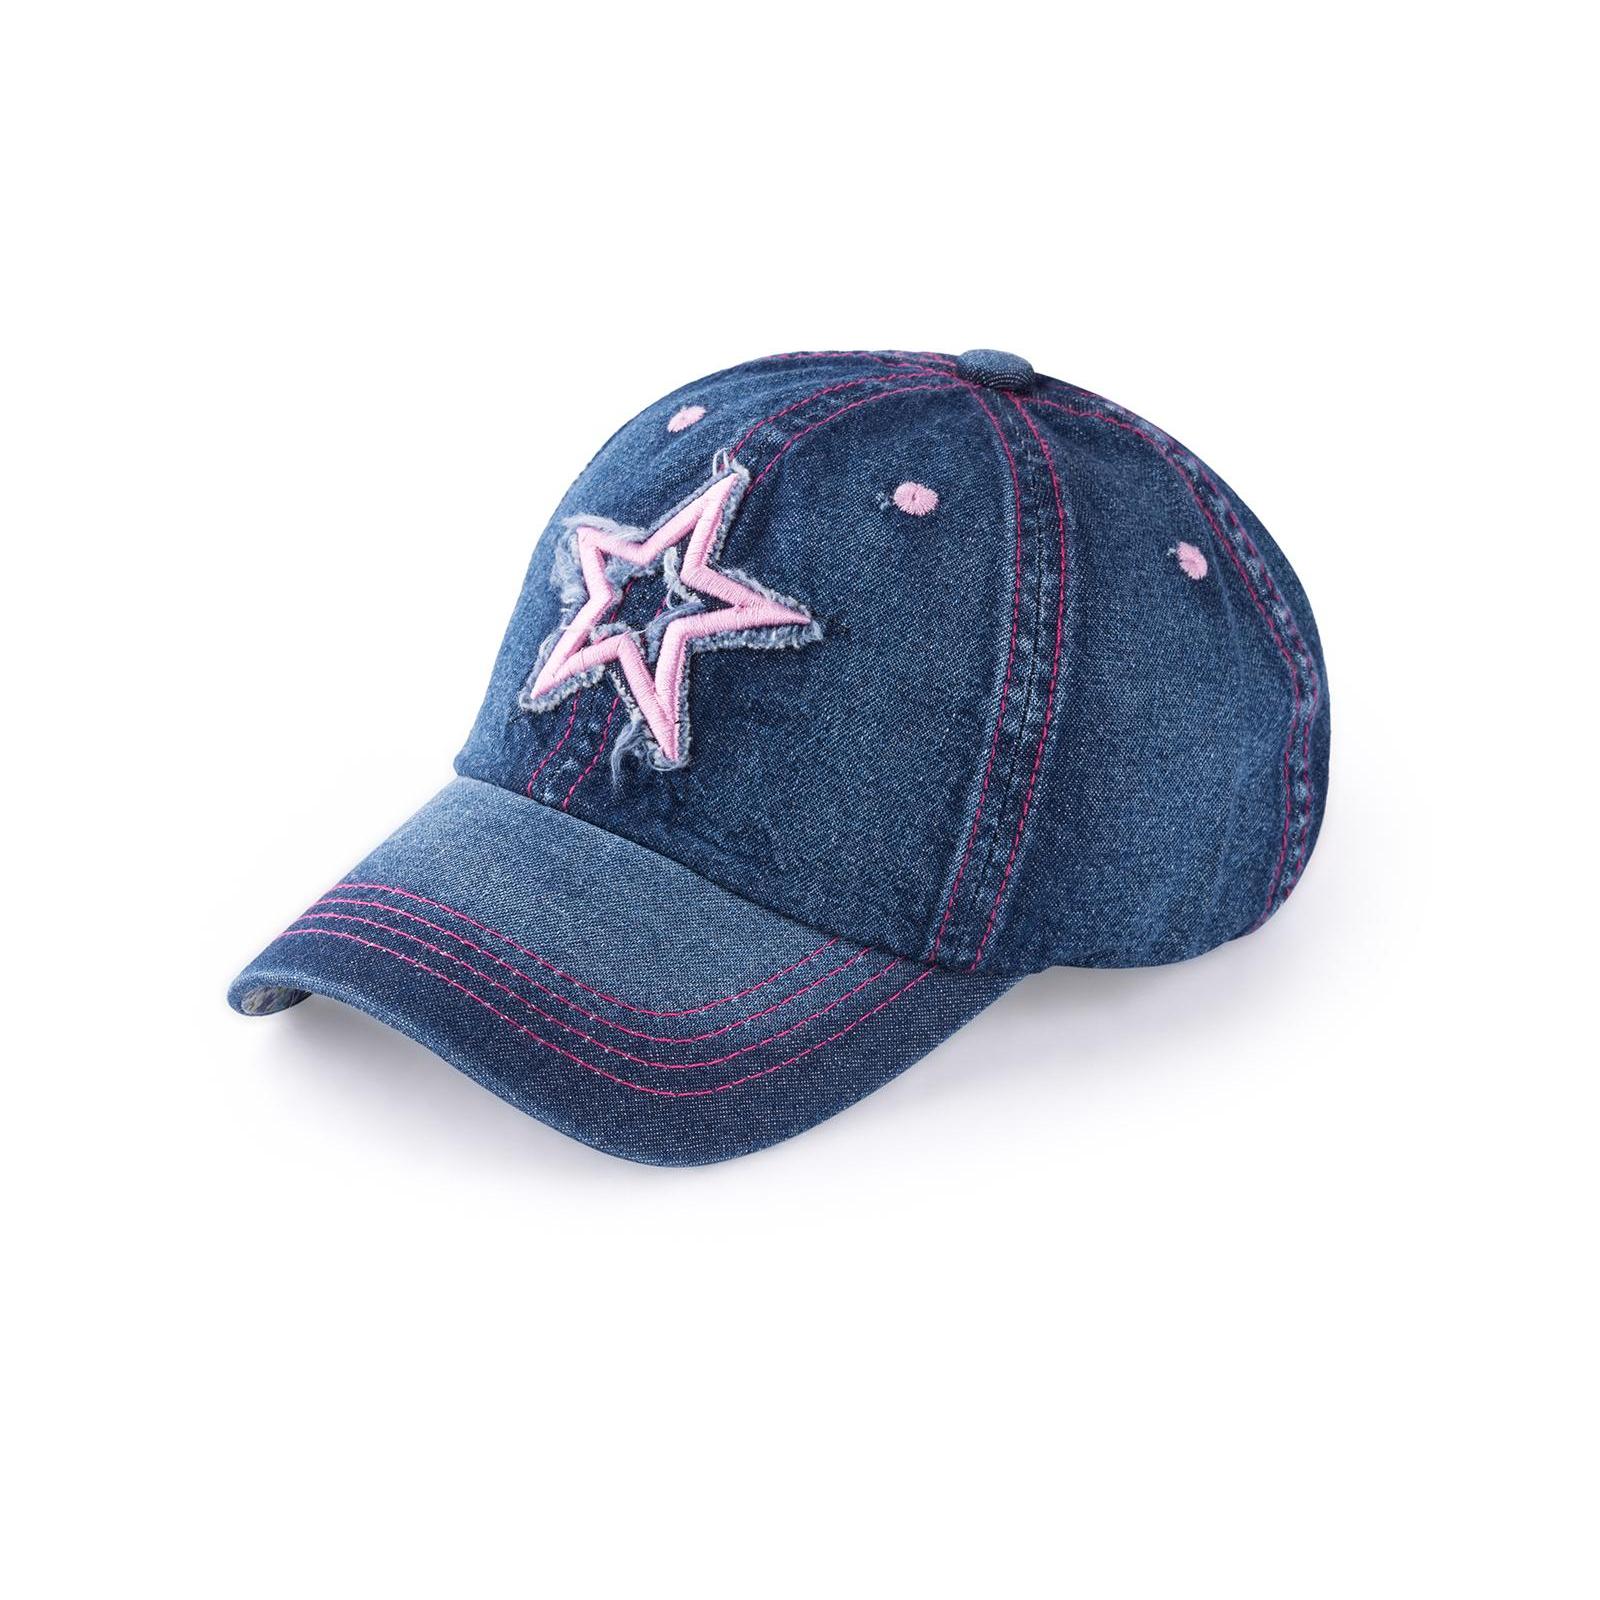 Кепка Kitti джинсовая со звездой (Y8300-9-54G-blue)